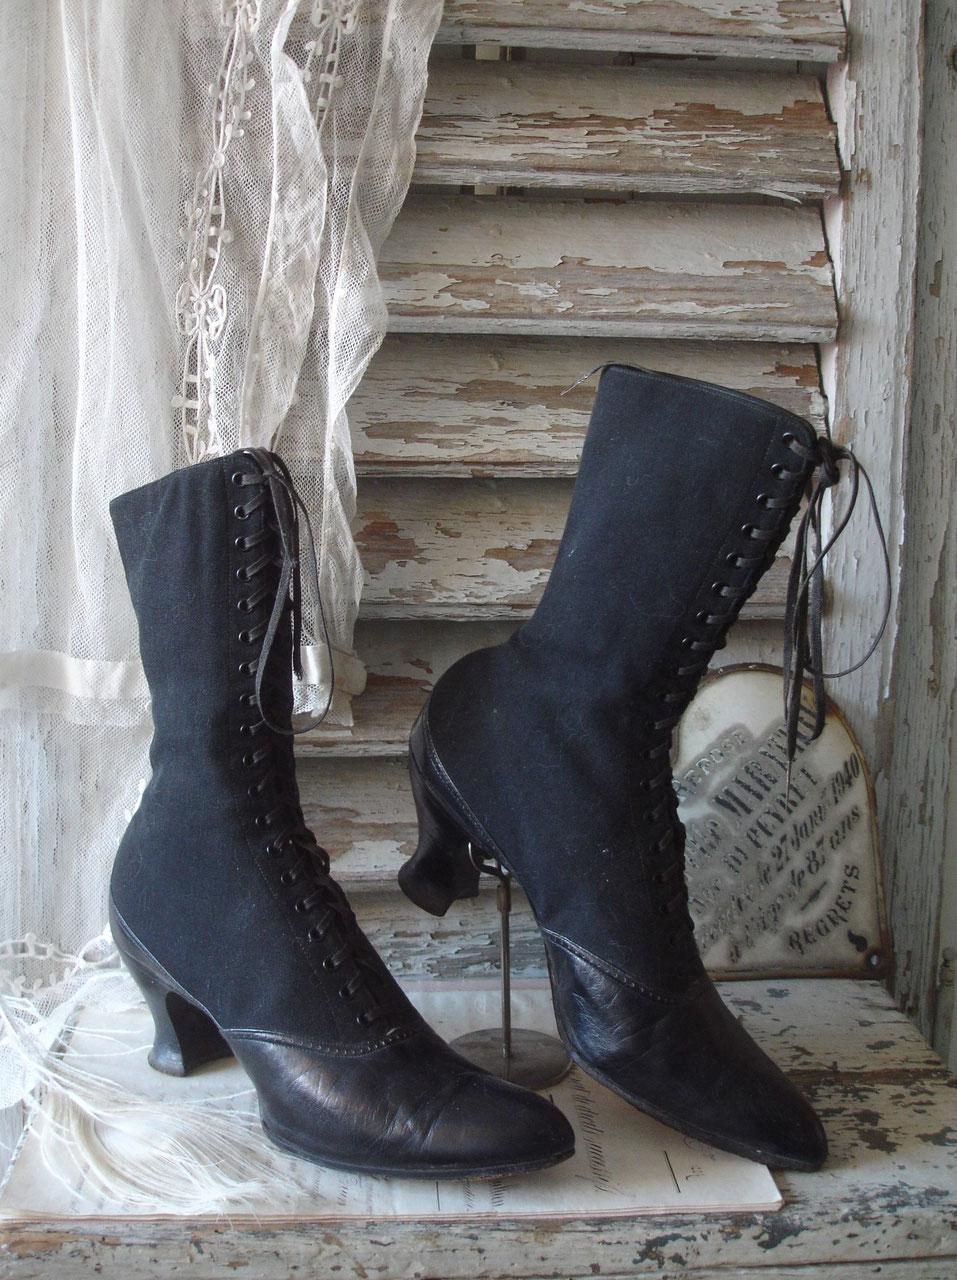 SchuheBoots: Viktorianische Schuhe, Schnürstiefel